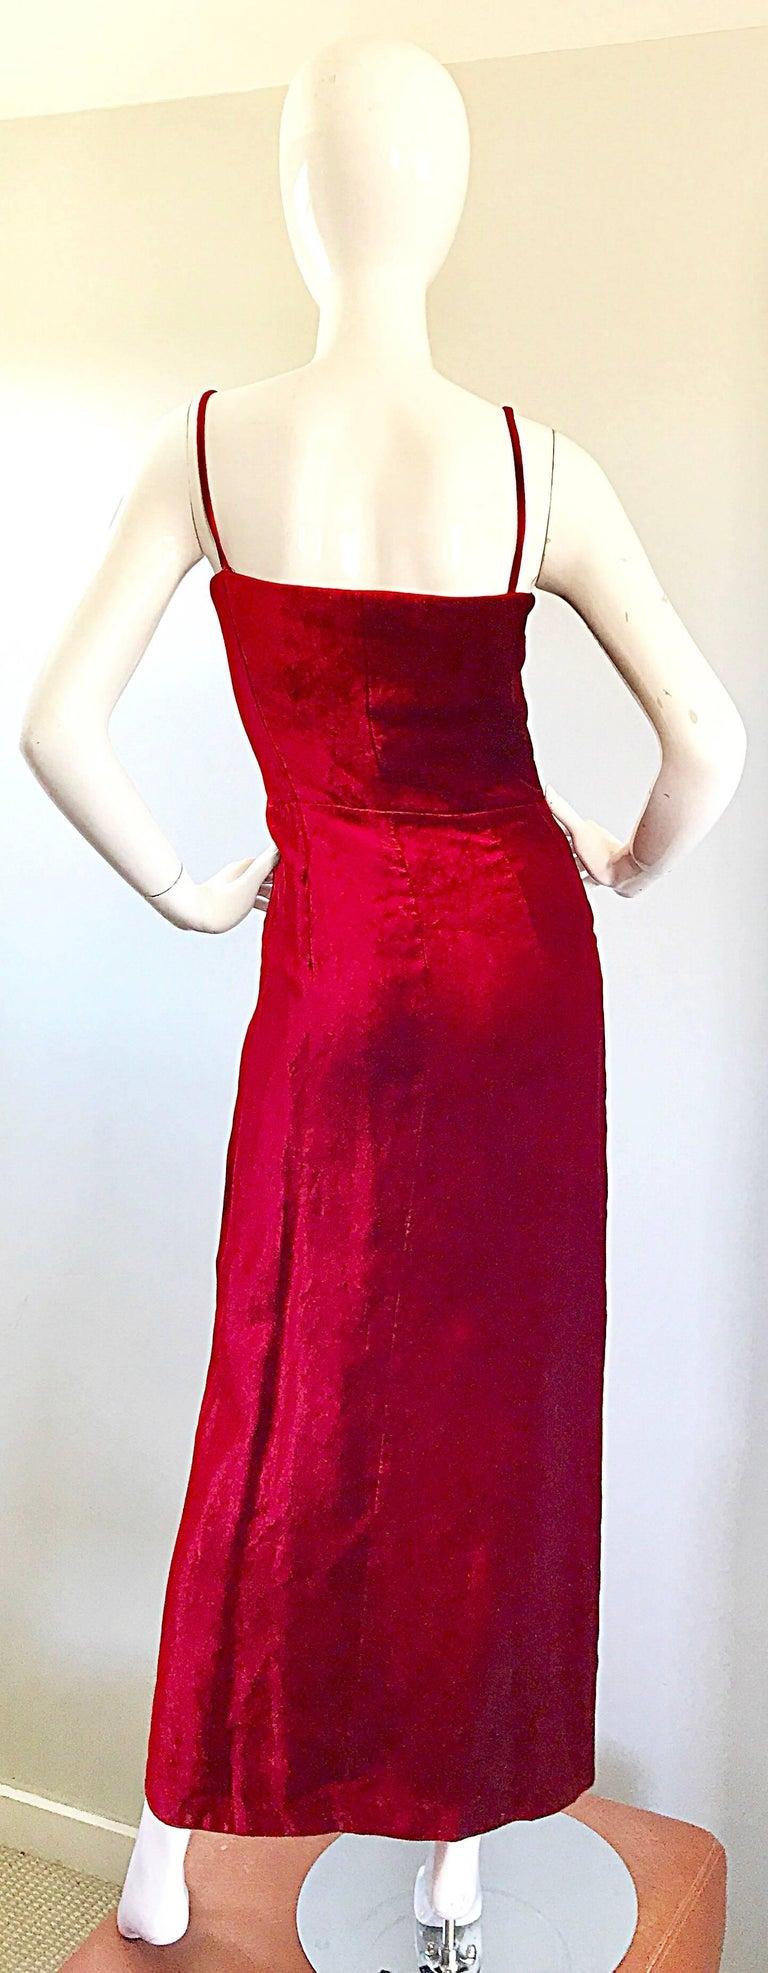 Giorgio Armani Collezioni Vintage Crimson Red Silk Velvet Gown Size 8, 1990s For Sale 1